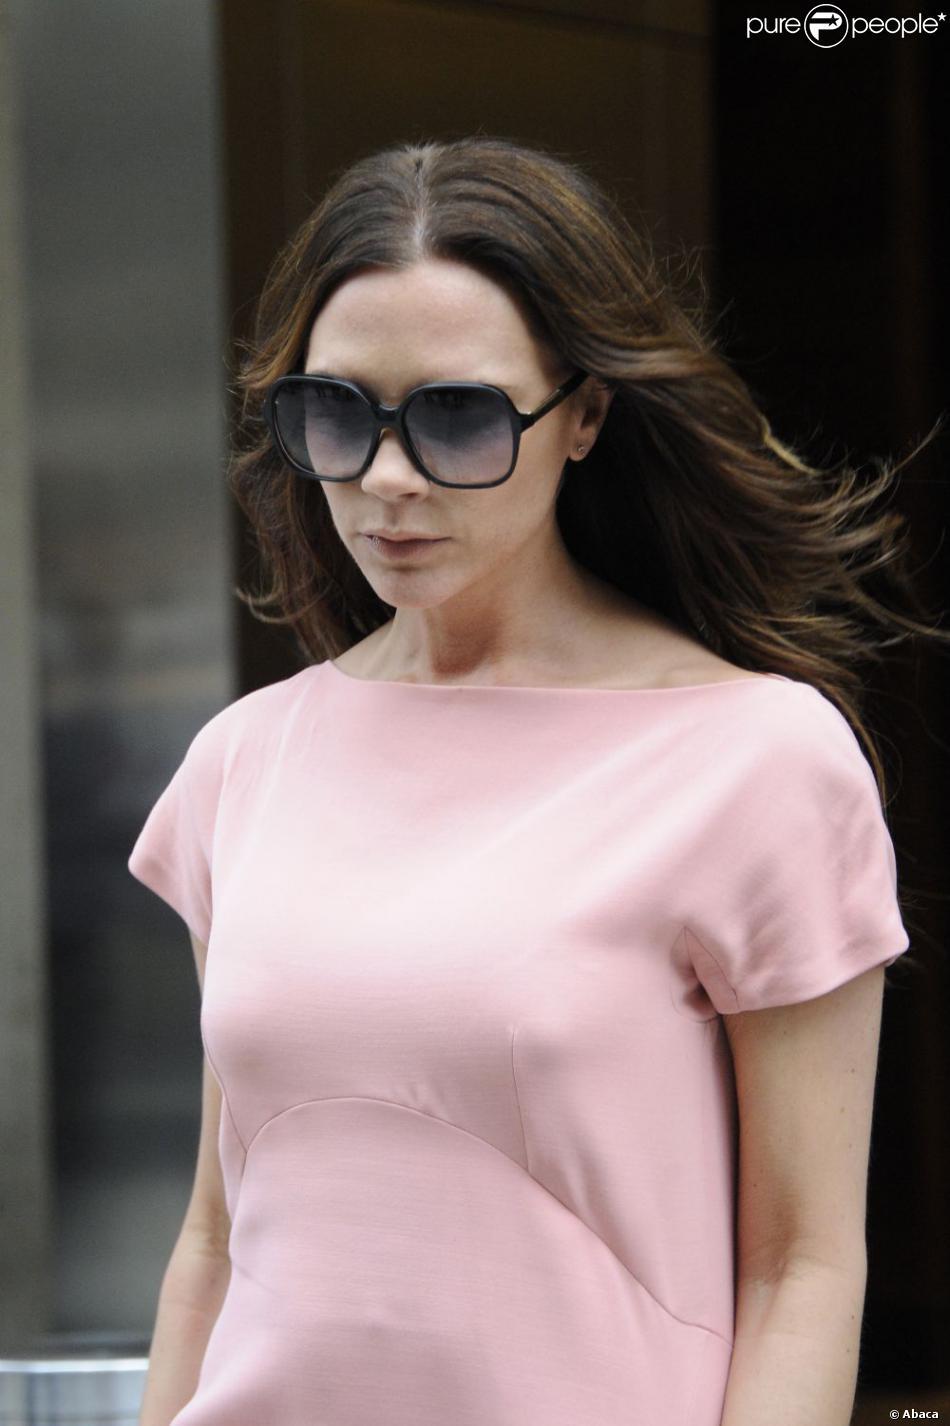 L imperturbable Victoria Beckham, le visage fermé et caché par ses lunettes  de soleil, en pleine séance shopping. New York, le 15 septembre 2011. a301dfa4bde7